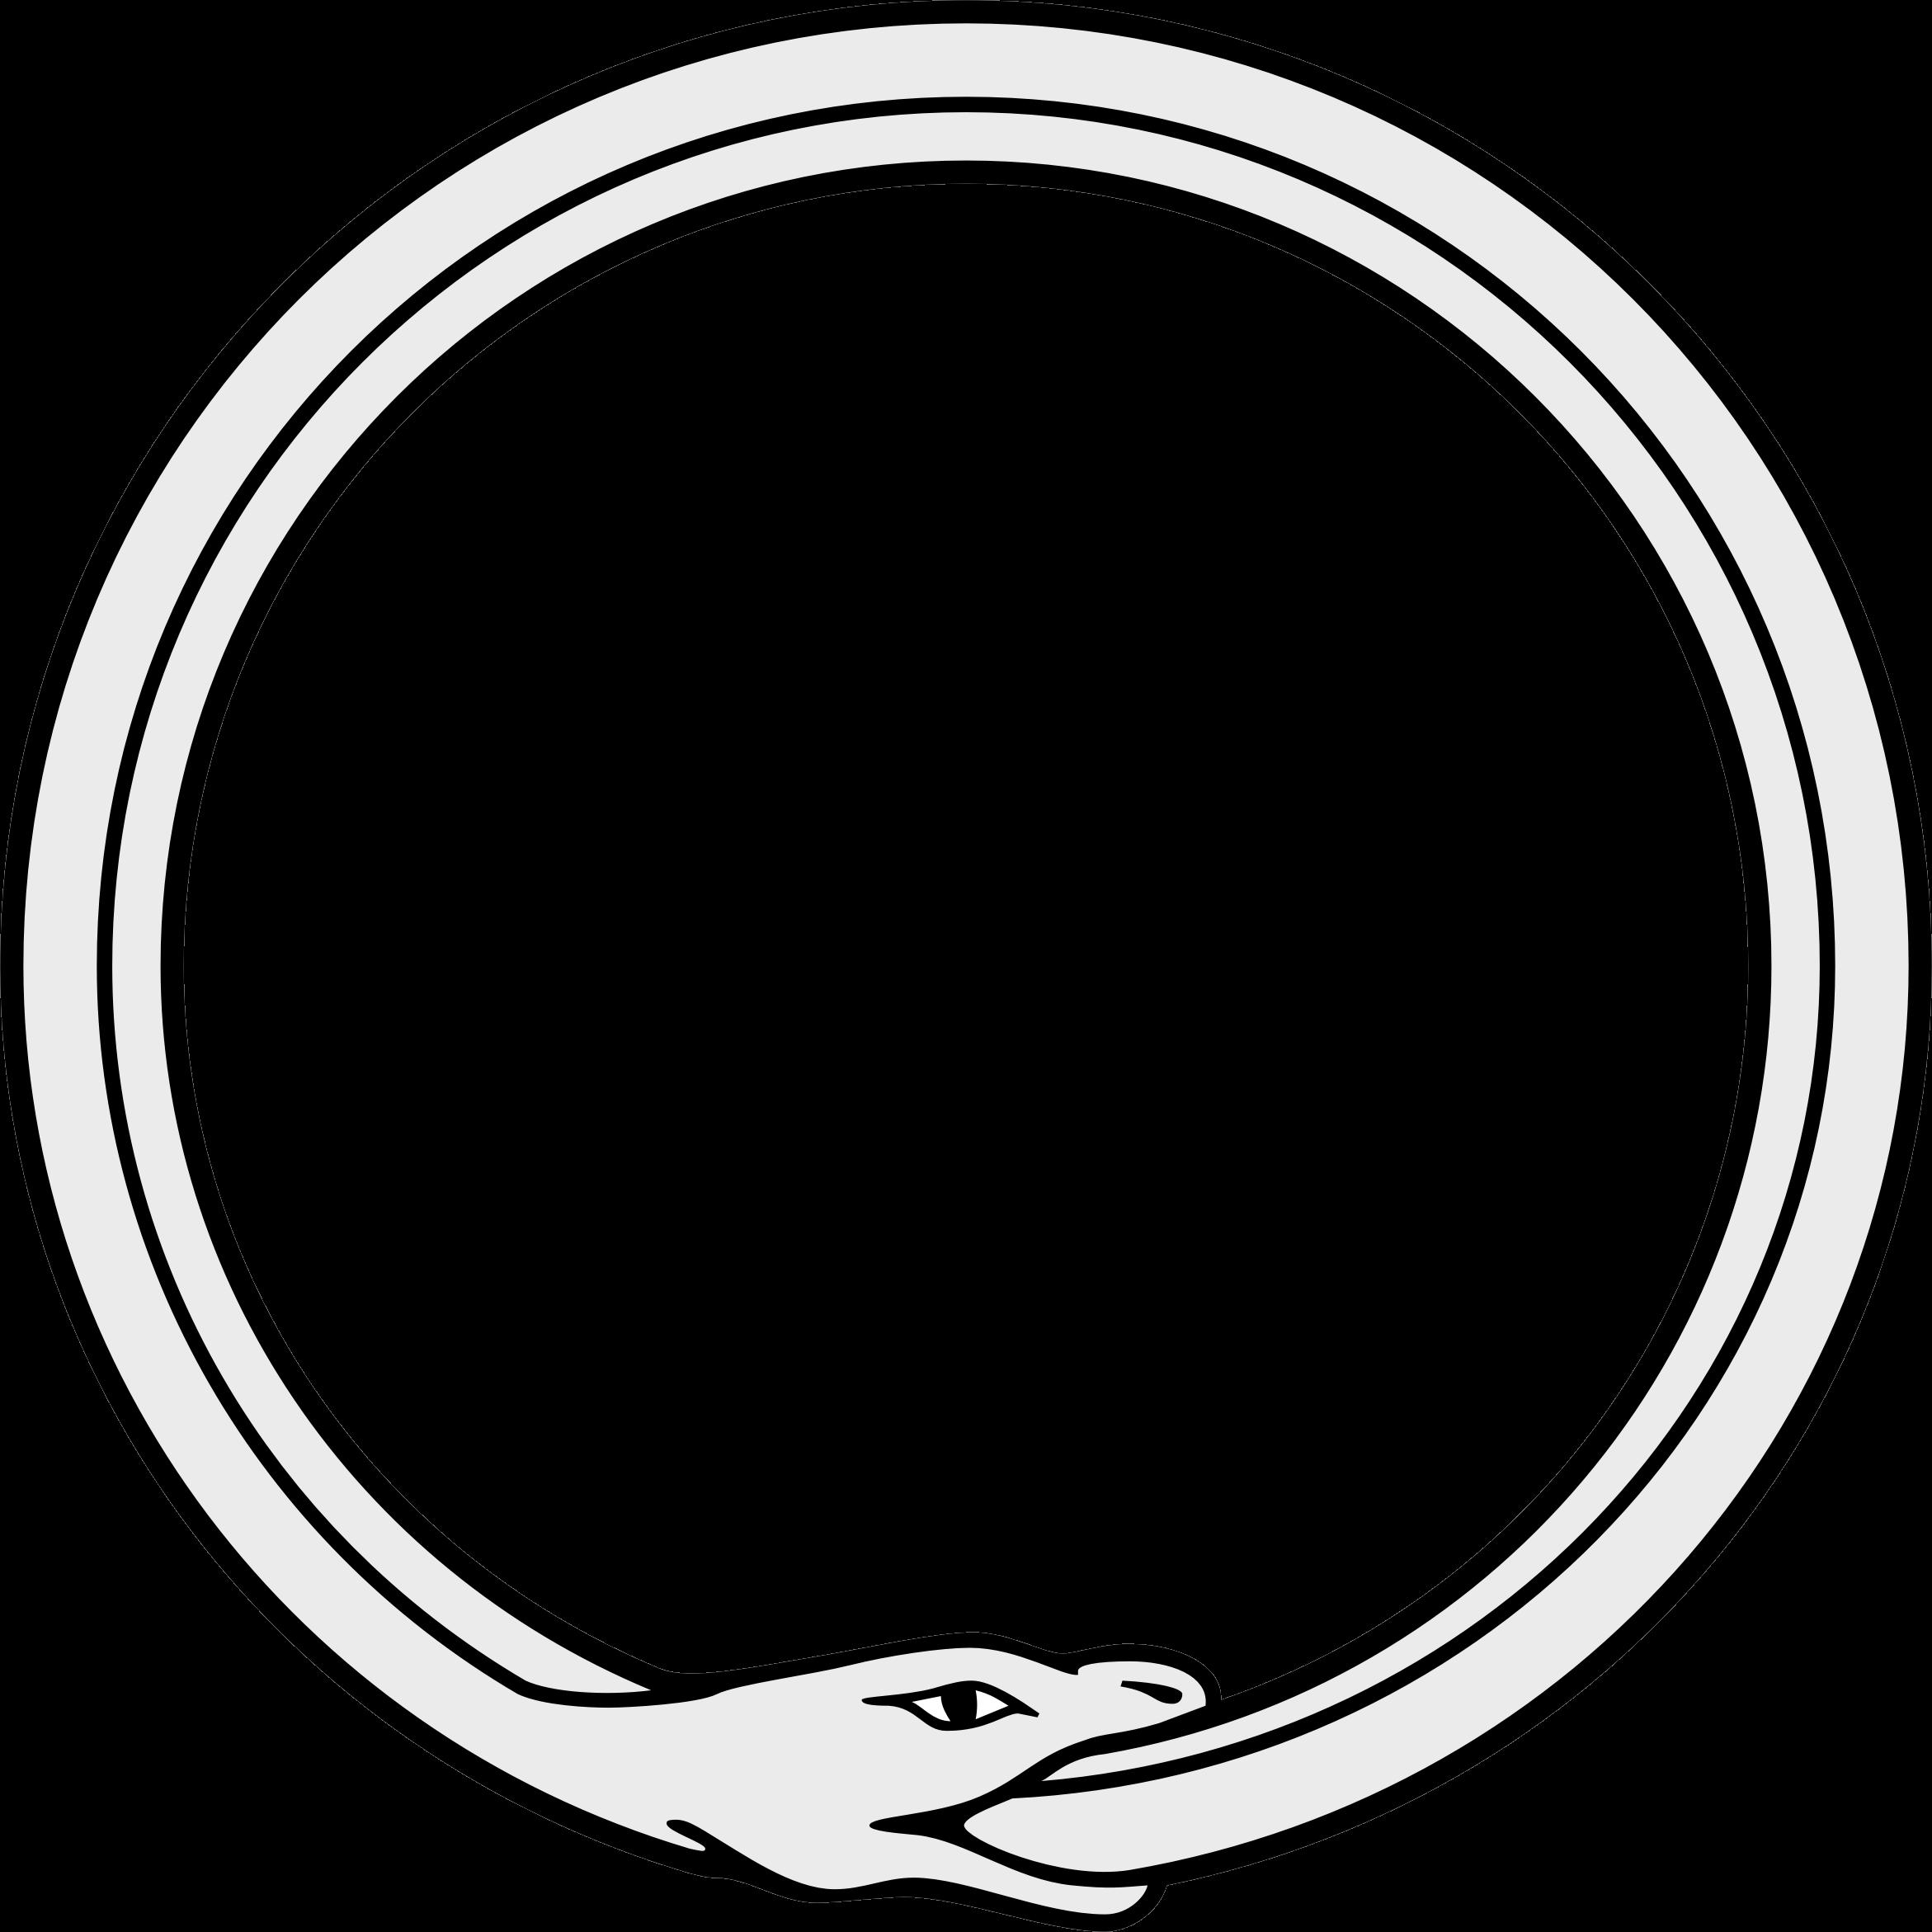 Clipart - Ouroboros